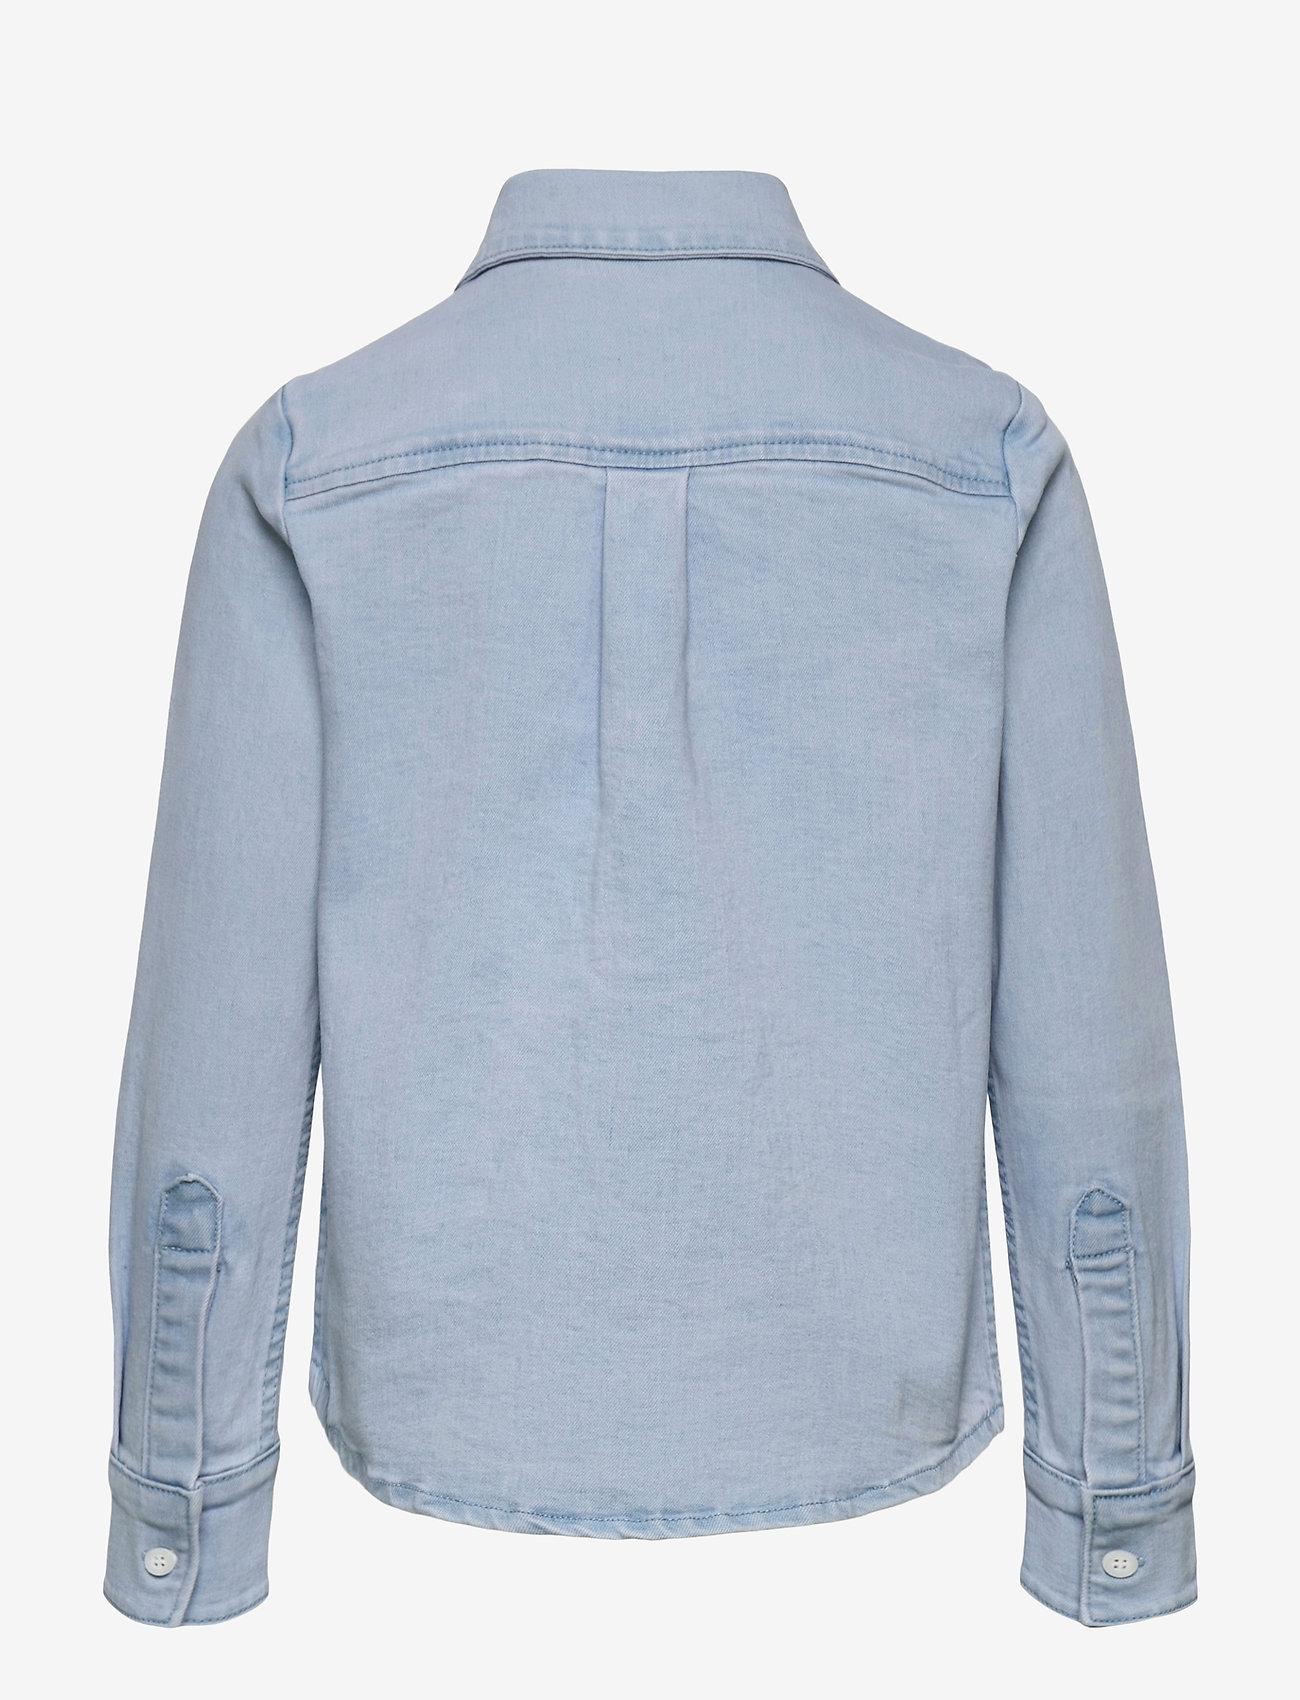 Costbart - MATO DENIM OVERSHIRT - shirts - denim wash - 1